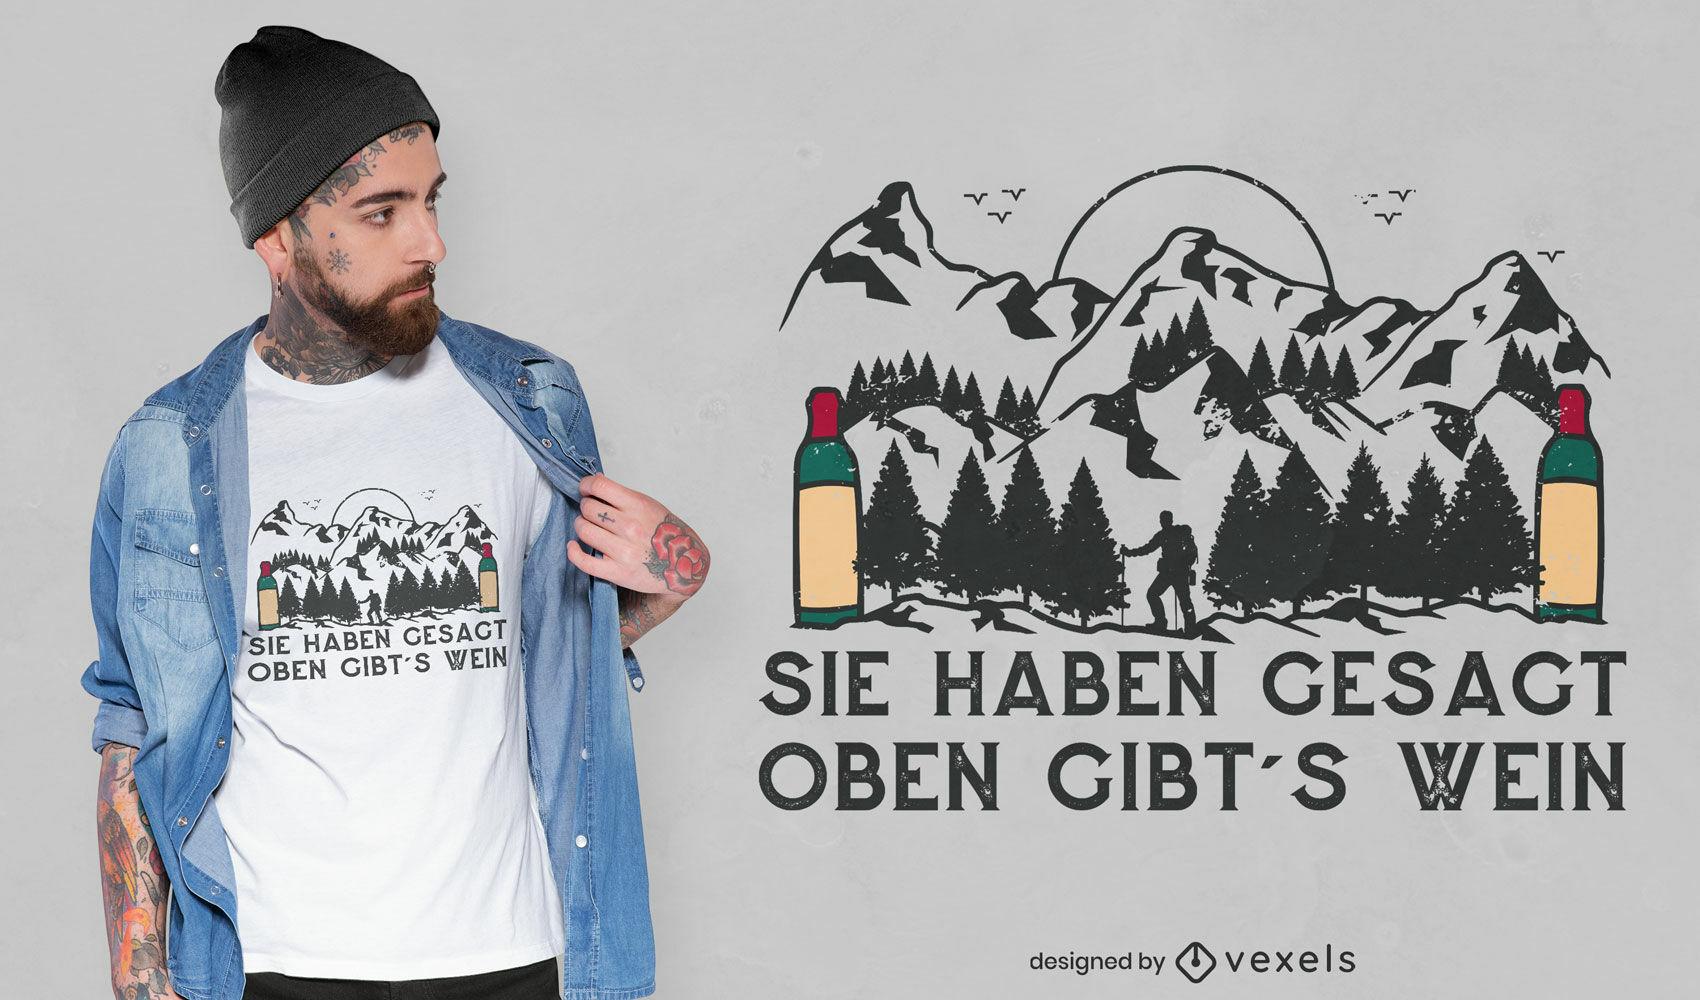 Diseño de camiseta de botellas de vino y montañas.